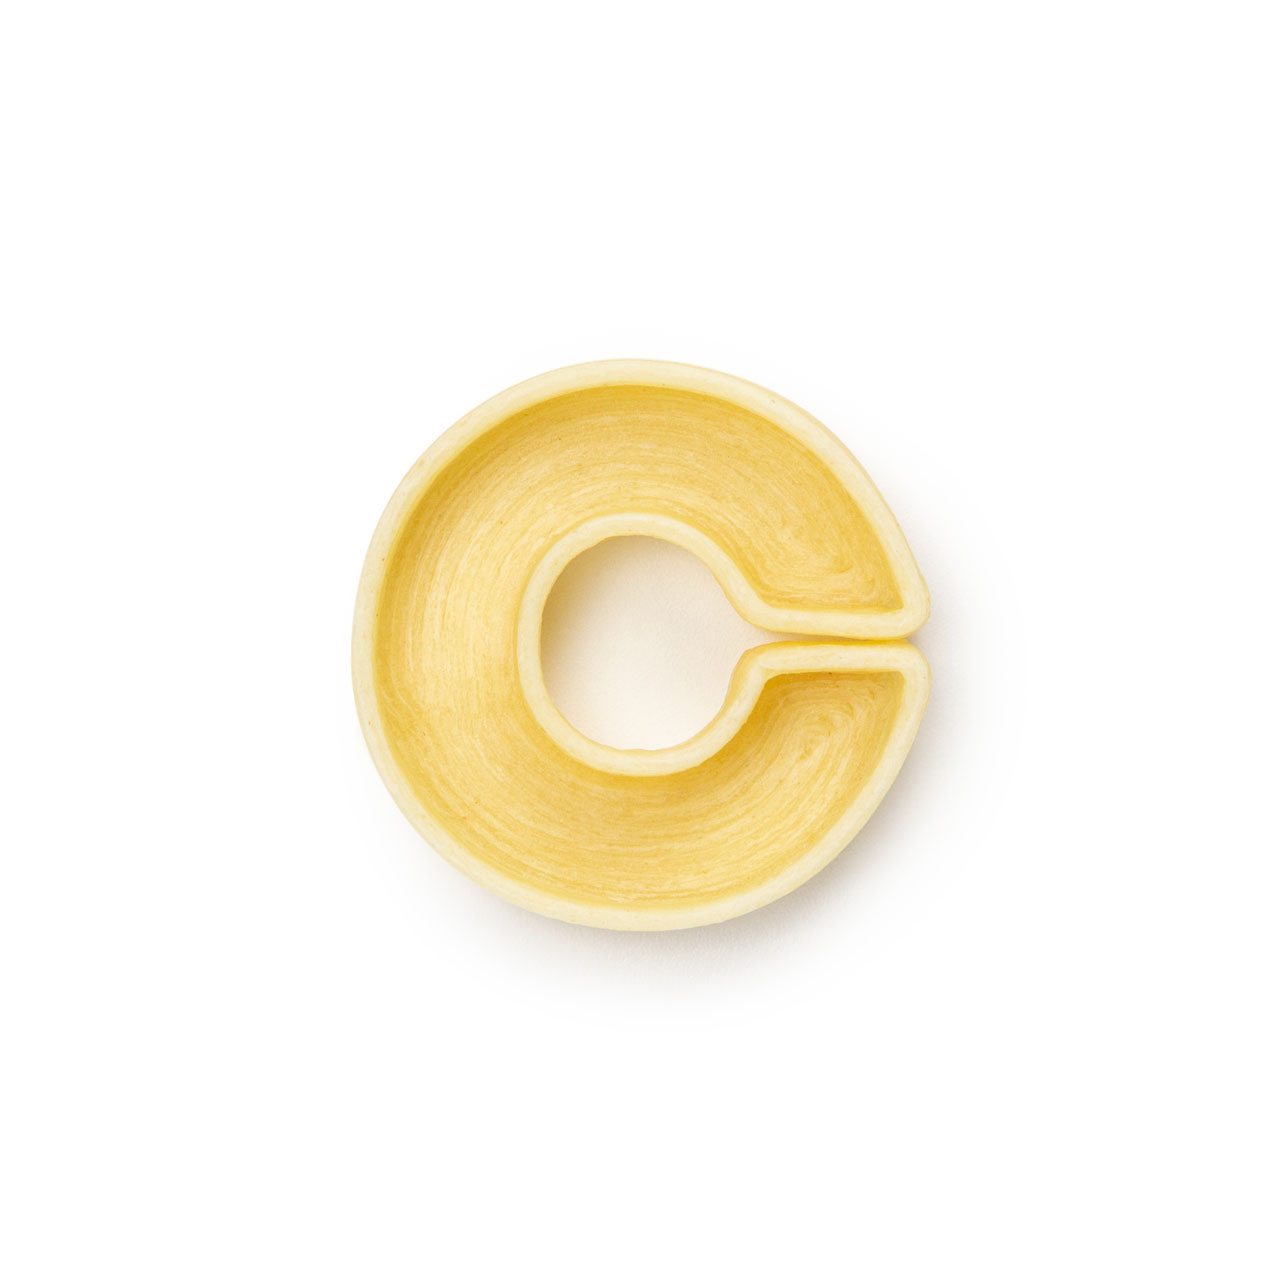 La lettera C di pasta